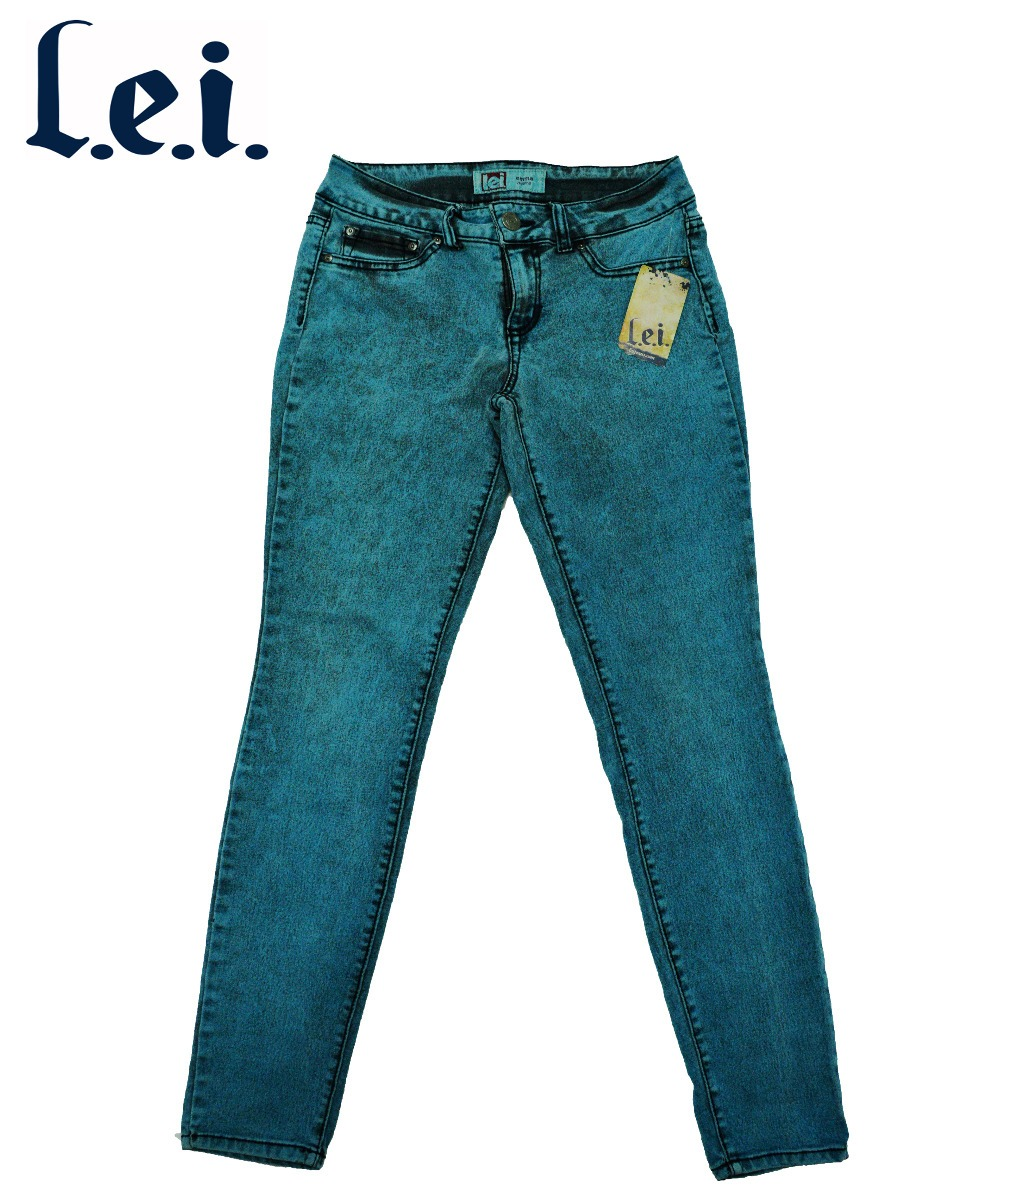 0cf9b433e2948 jeans stretch para mujer l.e.i. nuevo con etiqueta talla 7. Cargando zoom.